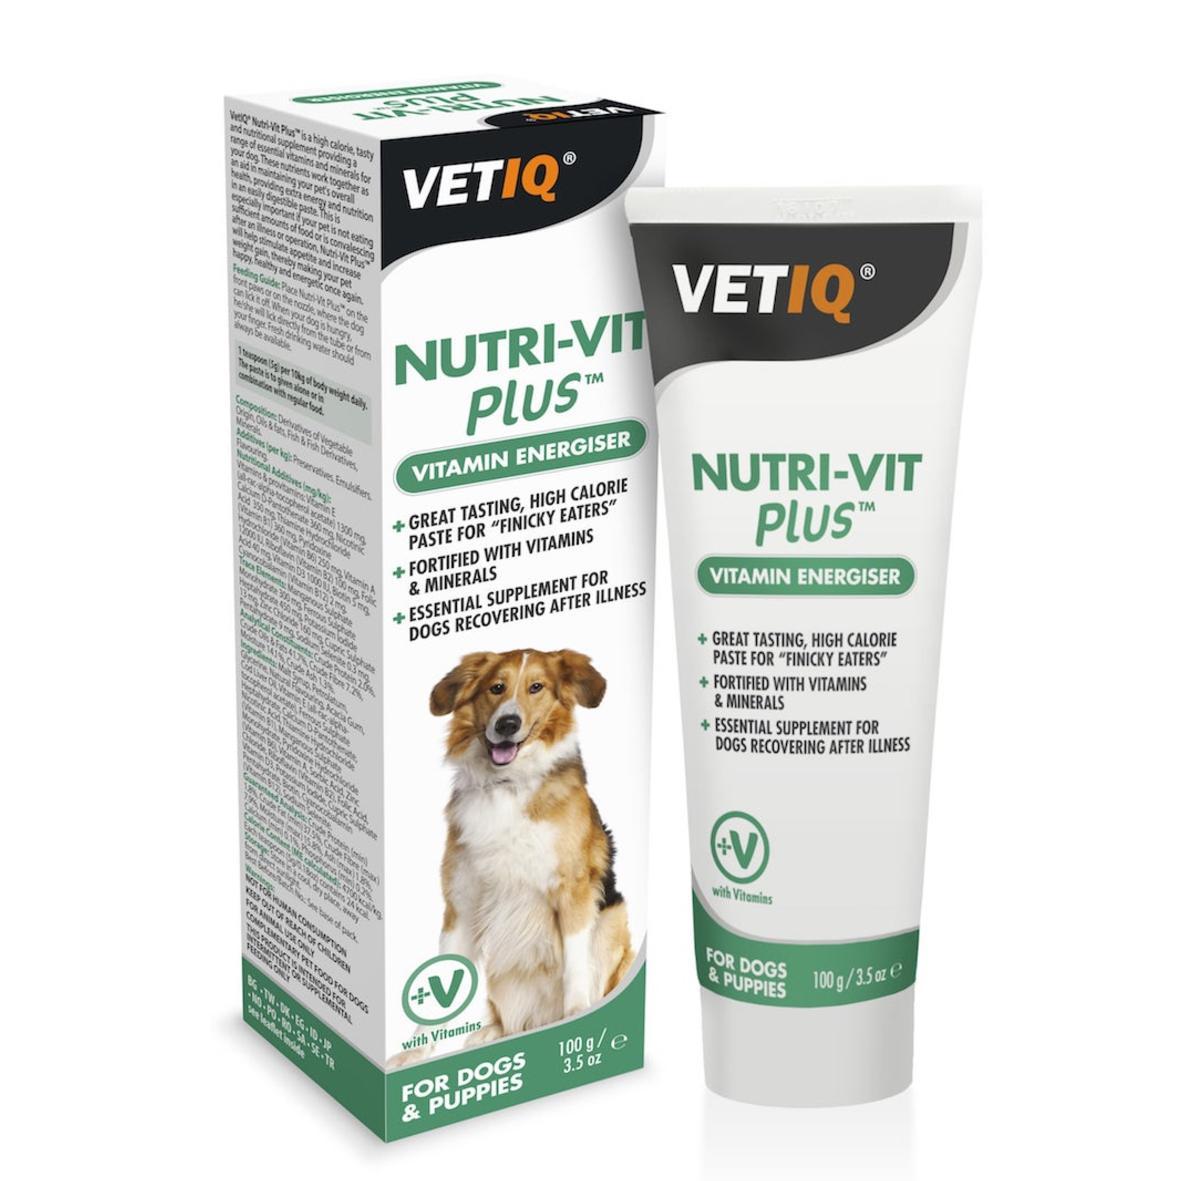 VetIQ NutriVit Plus Vitamin Energiser for Dogs 100gm